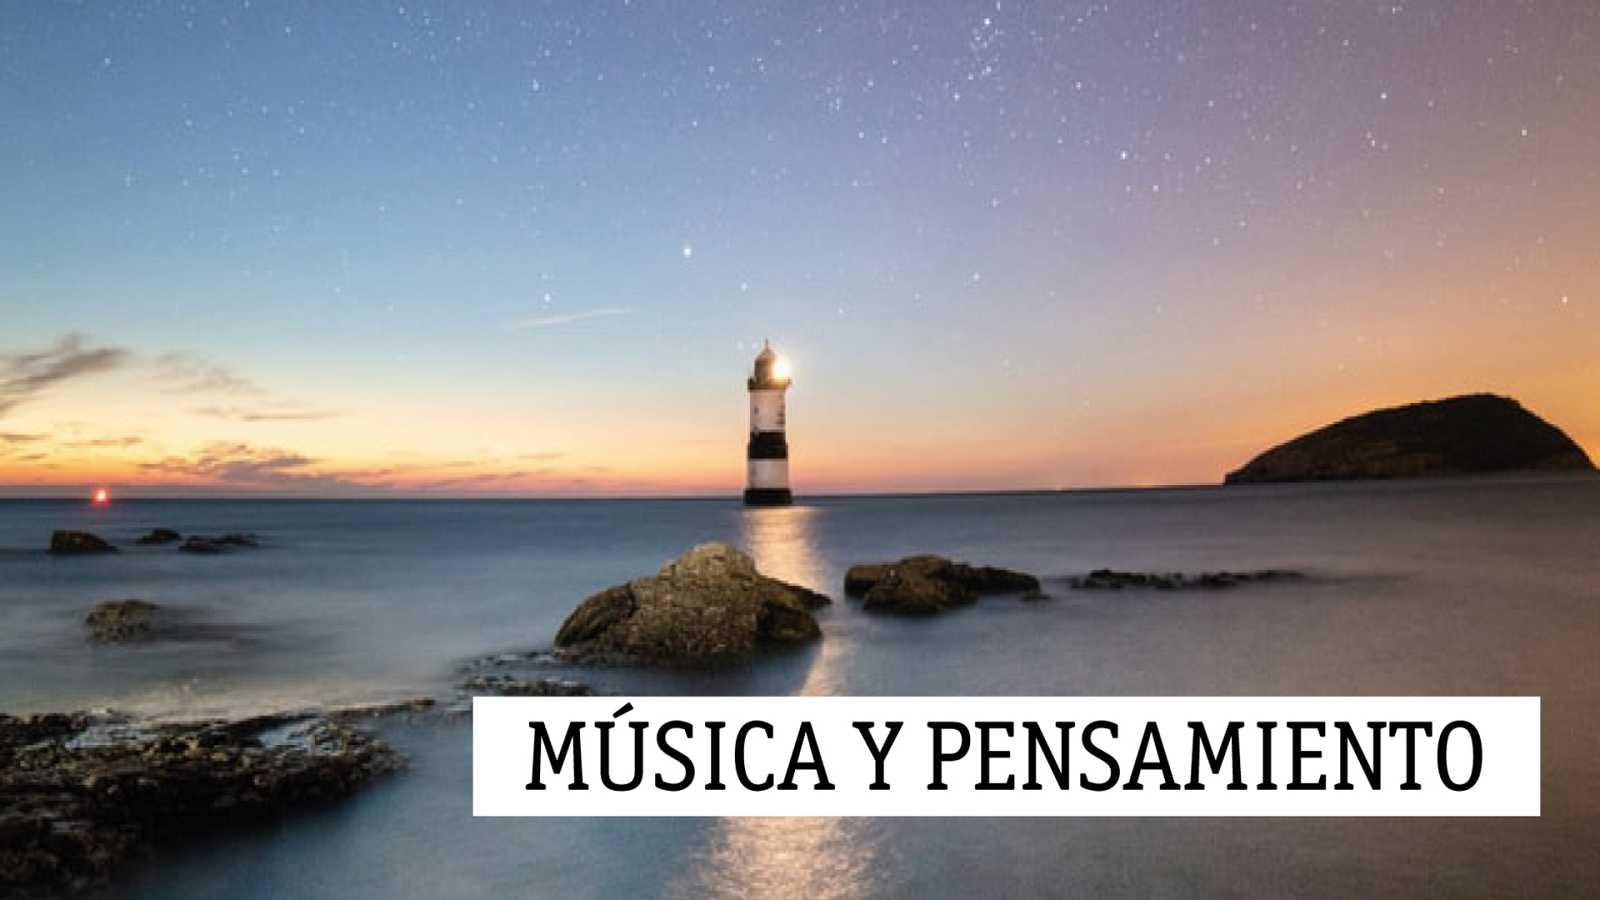 Música y pensamiento - Plutarco - 04/10/20 - escuchar ahora